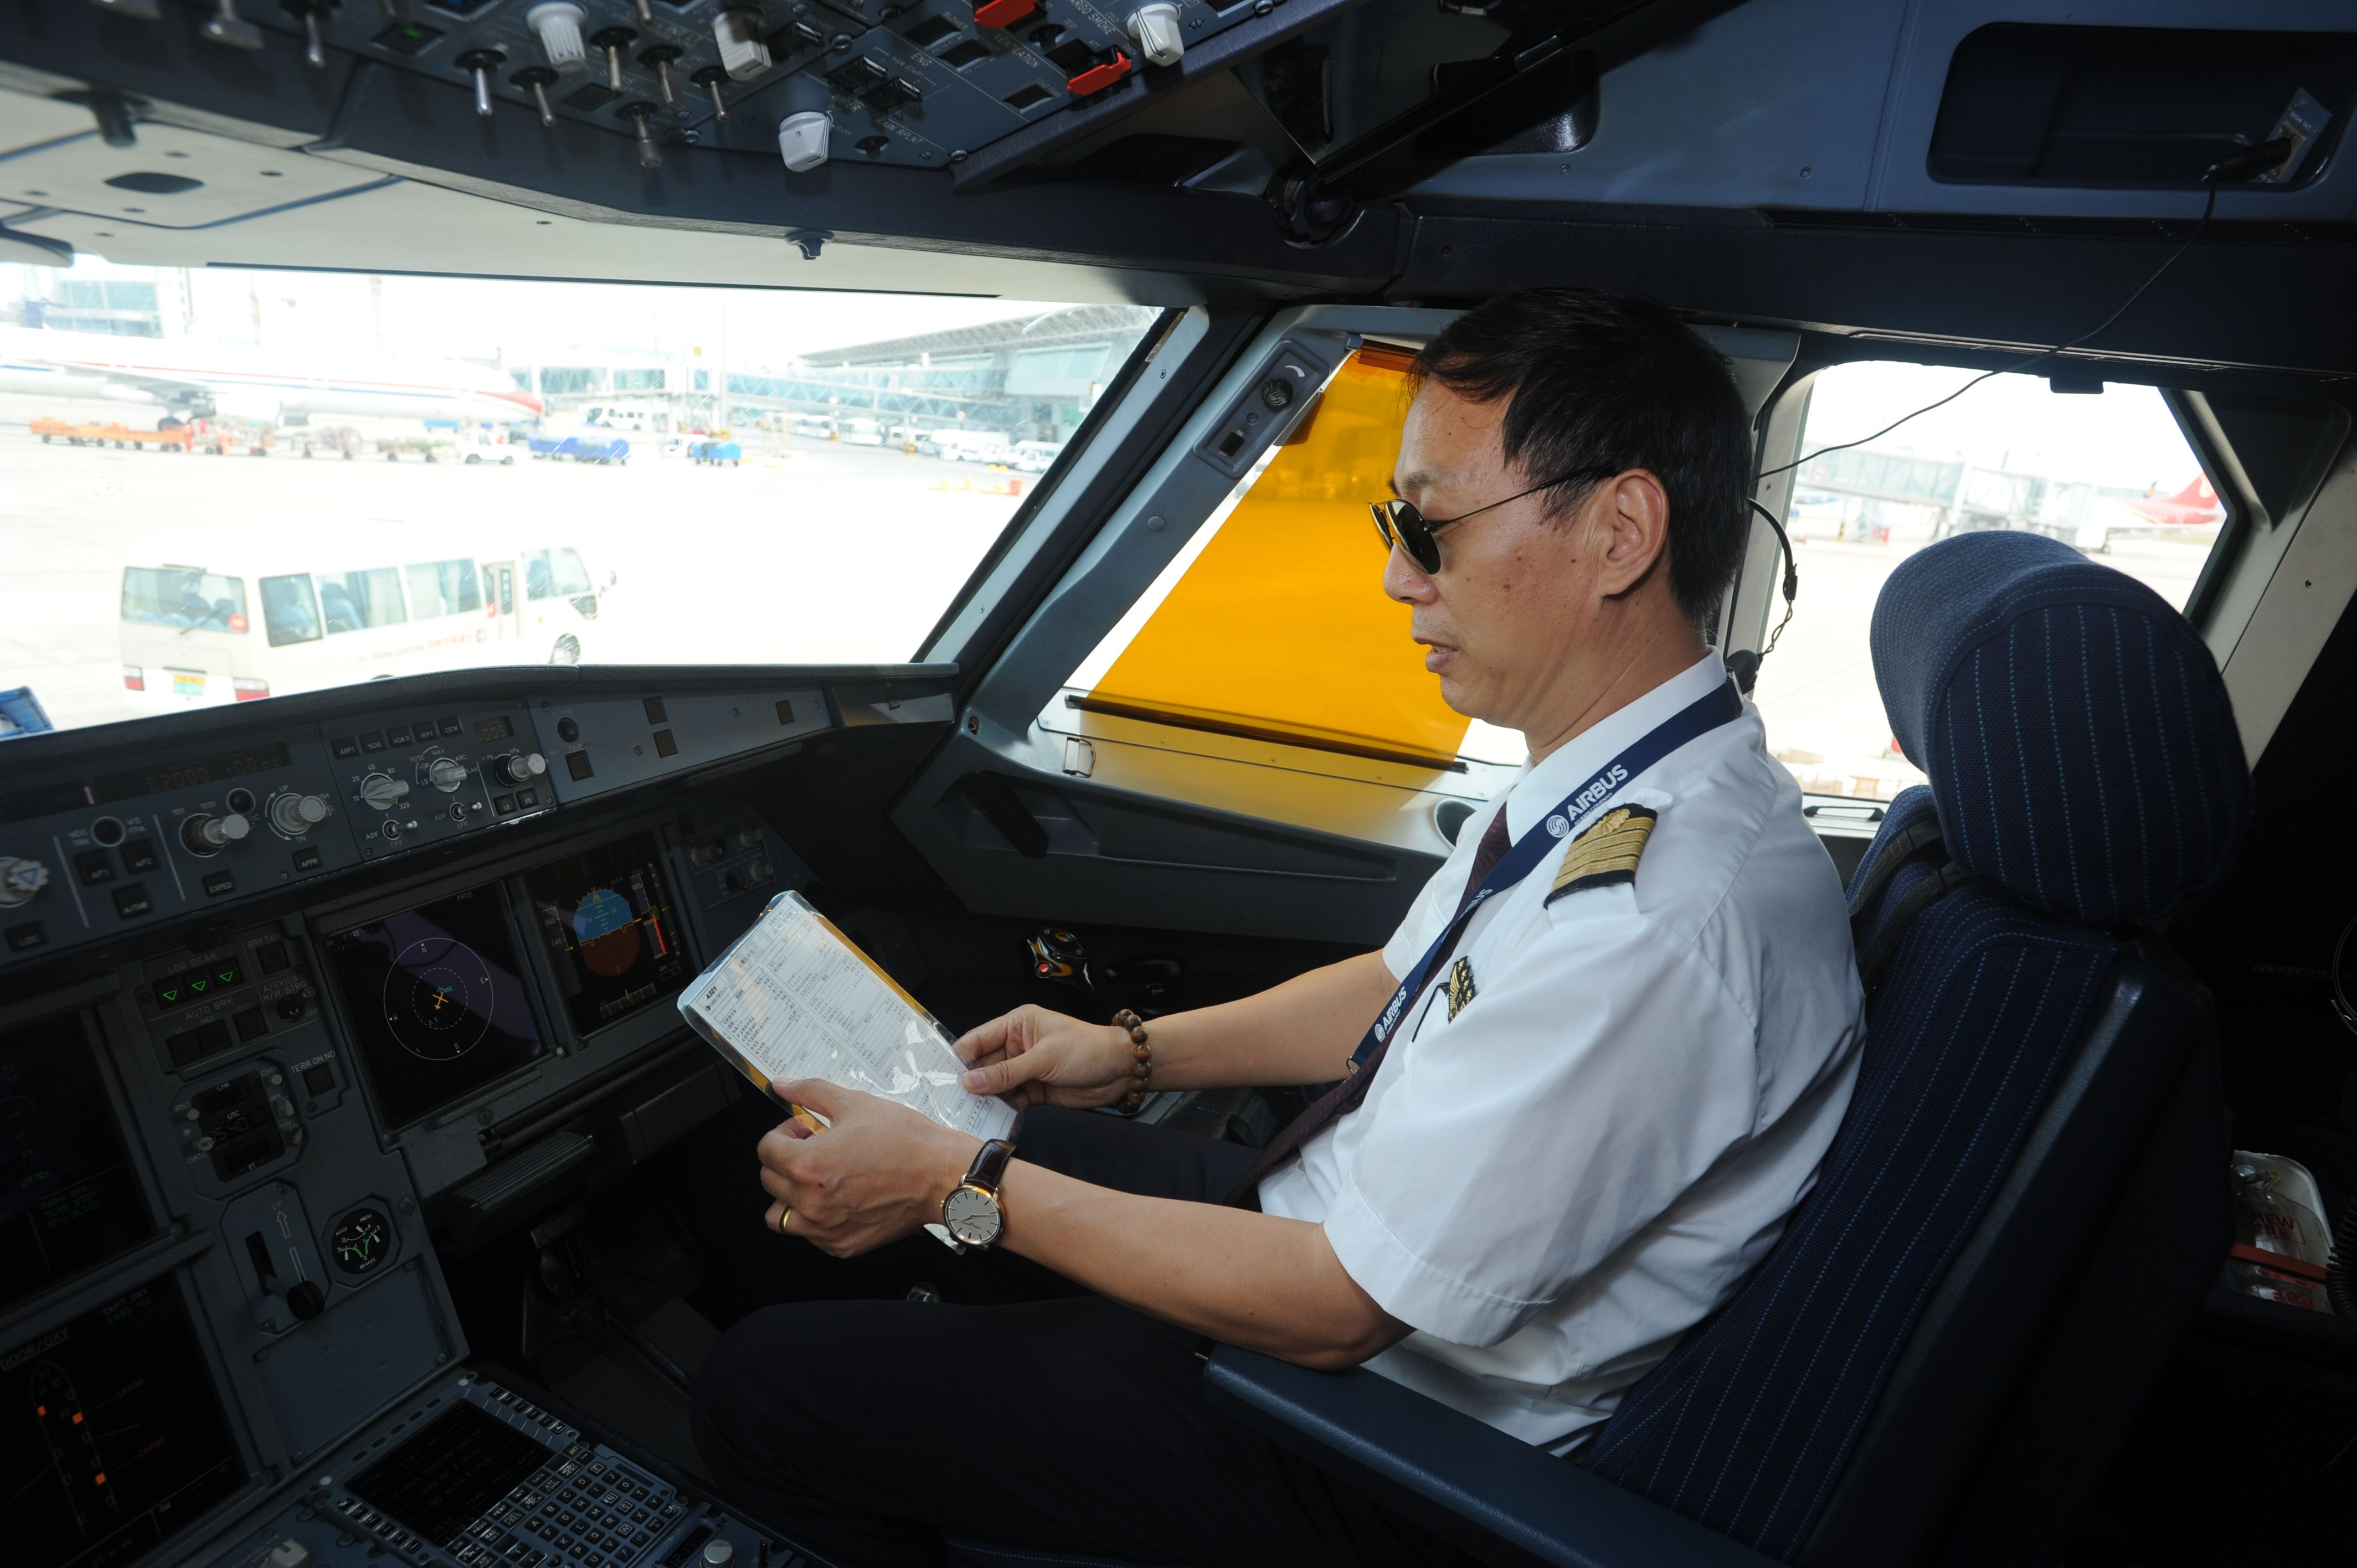 东航父子飞行员春运心声:万家团圆是我们的心愿